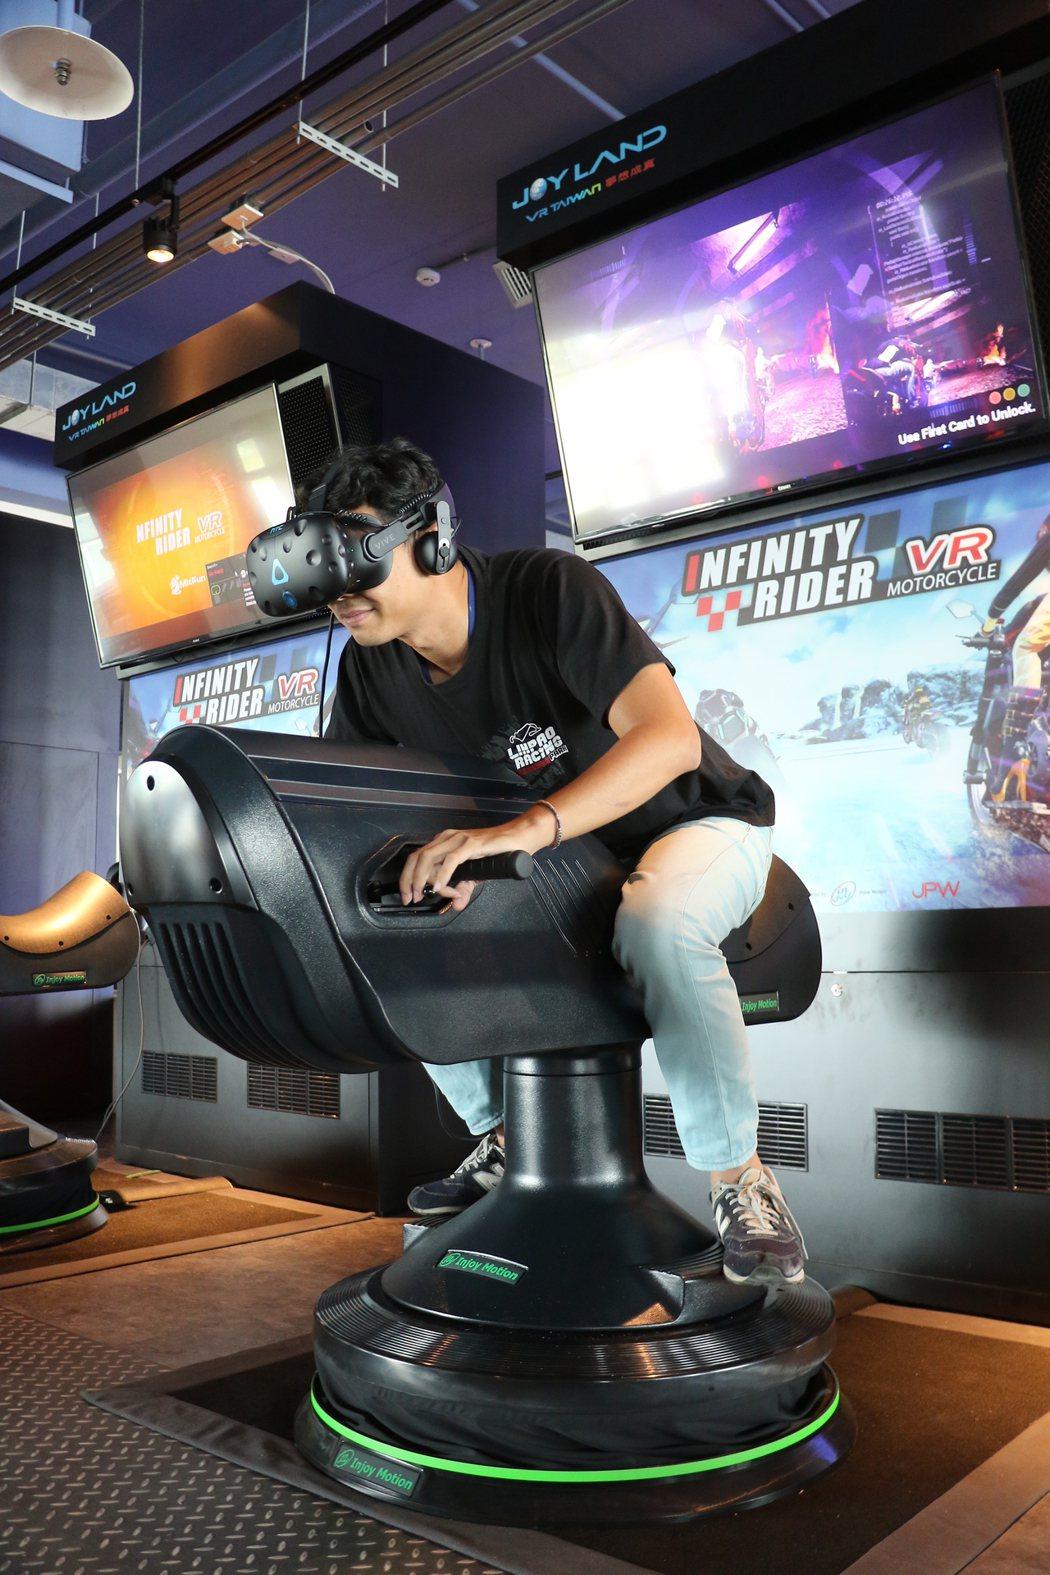 麗寶國際賽車場最新推出的「無限騎士VR」,結合虛擬影像,重現騎乘重機時的飆速震撼...